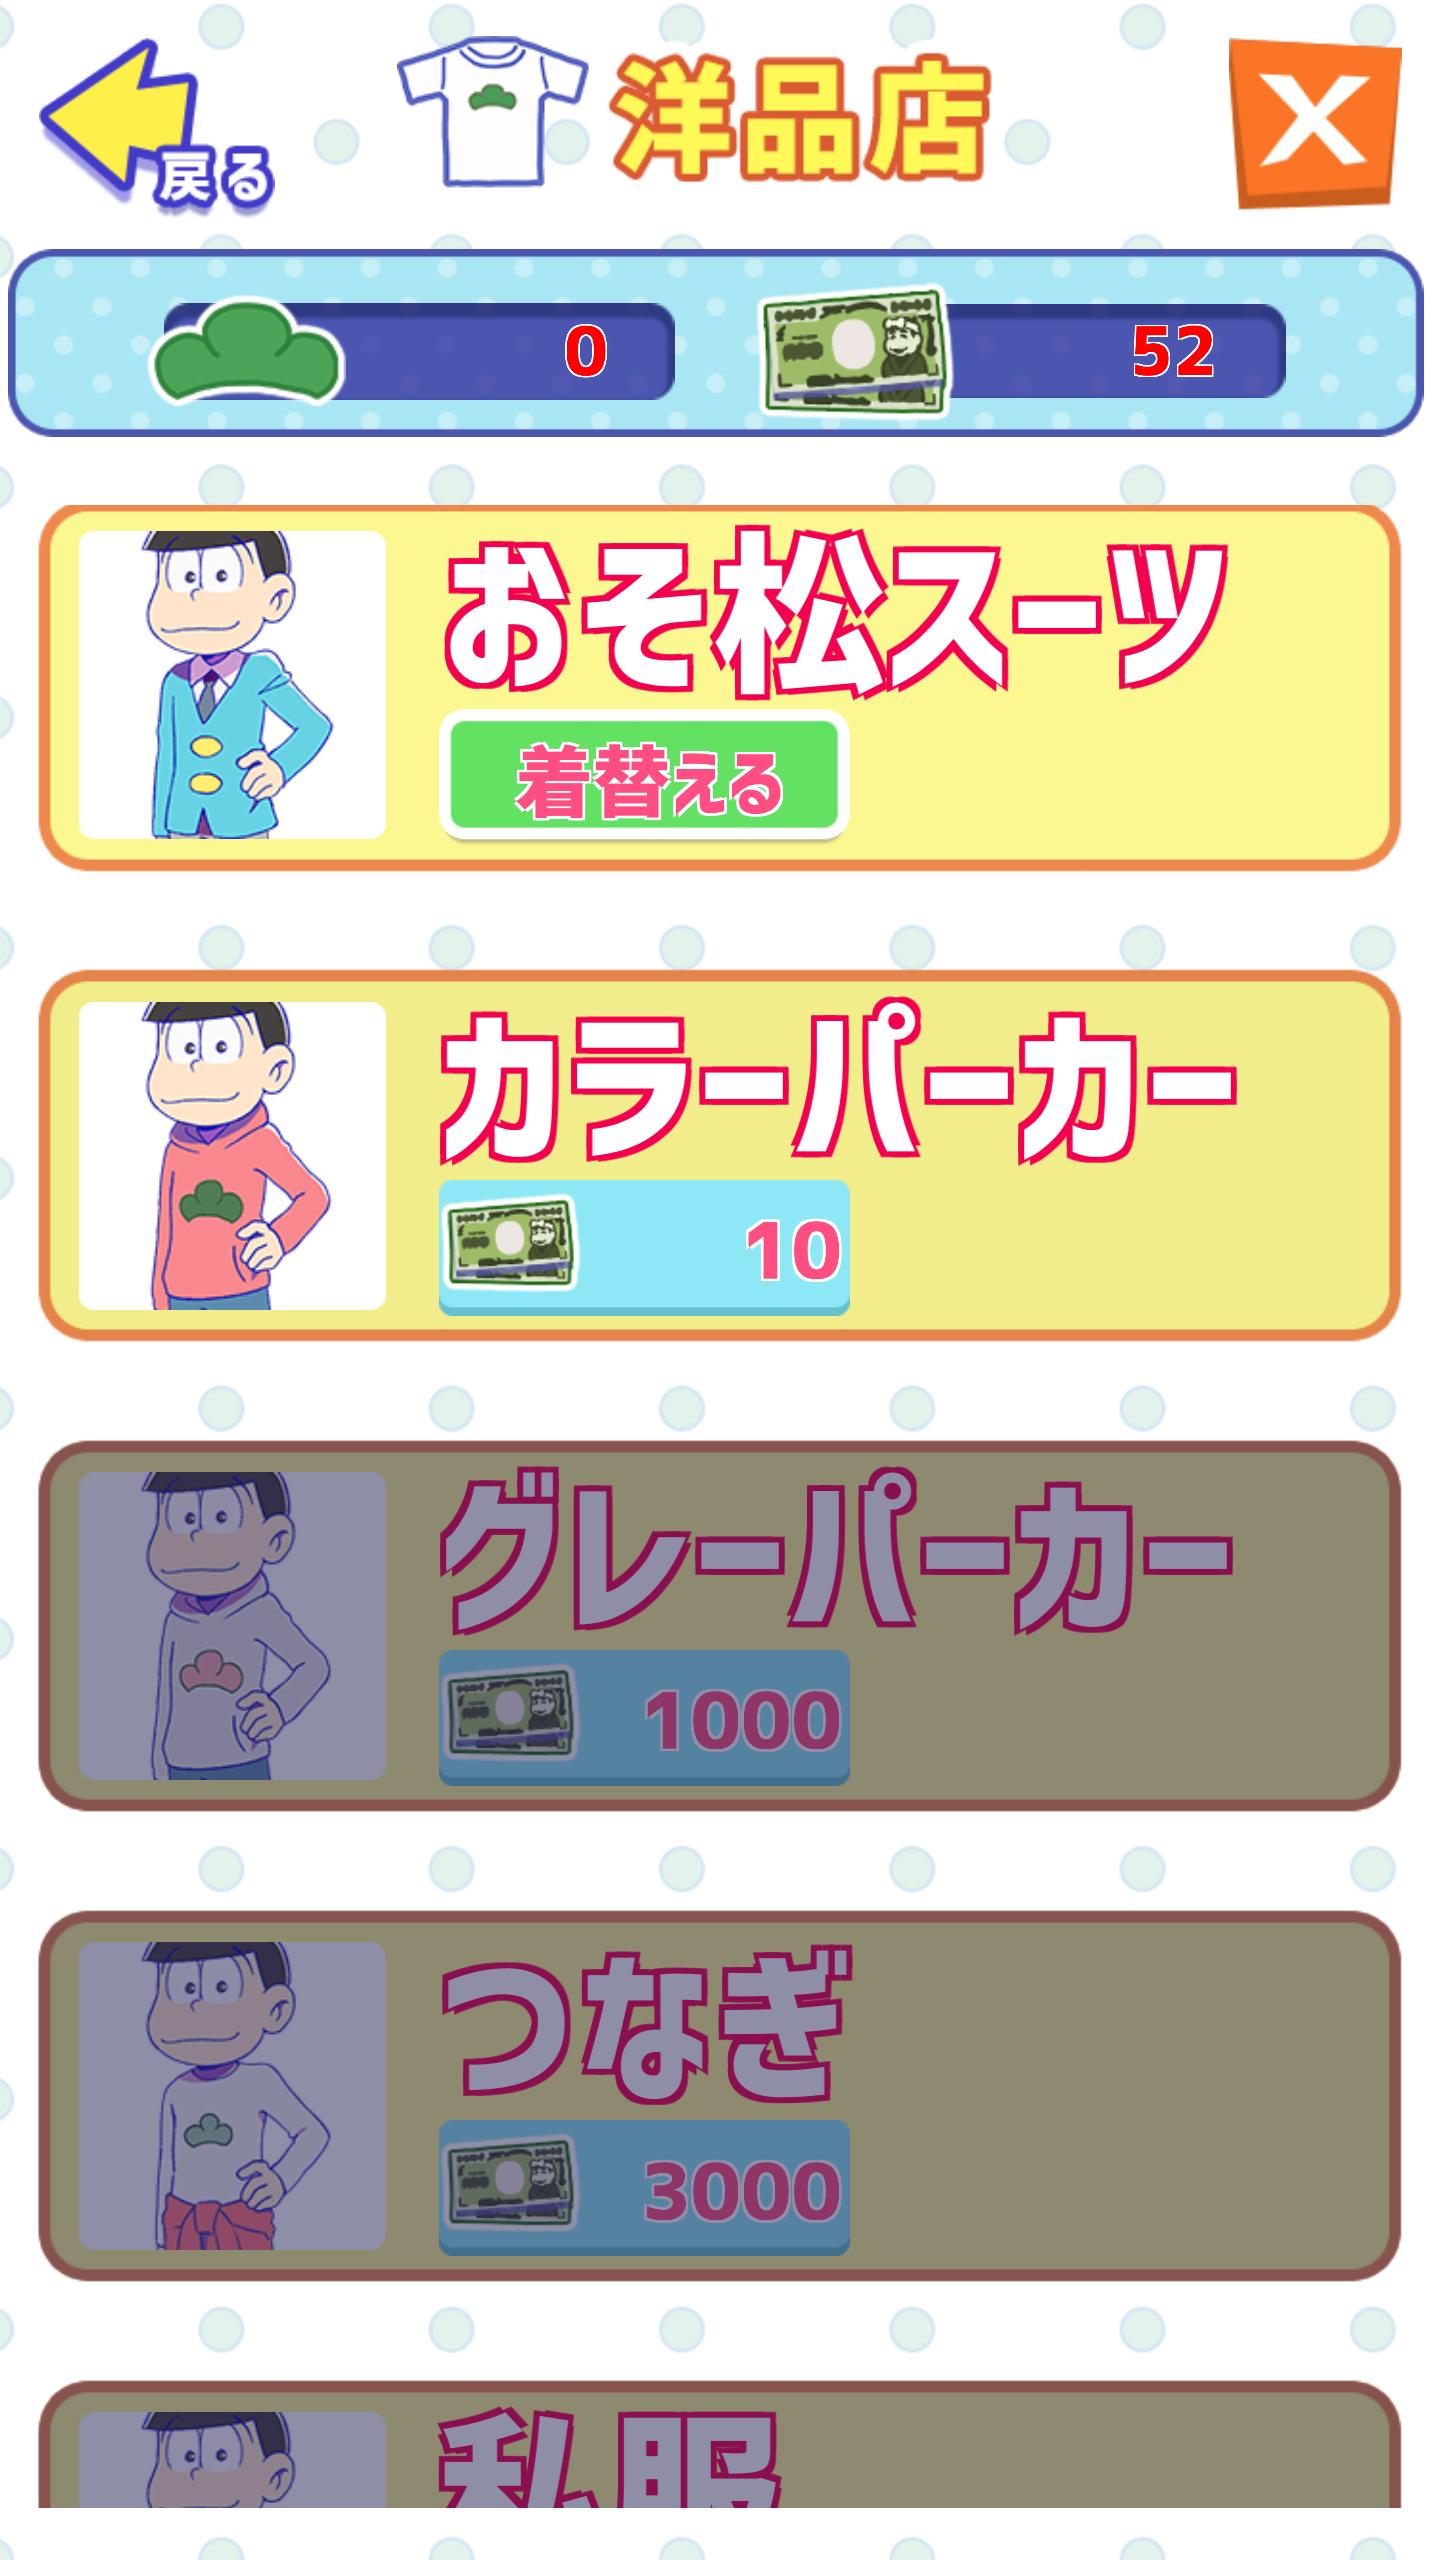 androidアプリ 松野家扶養家族選抜会場【おそ松さん養うアプリ】攻略スクリーンショット4